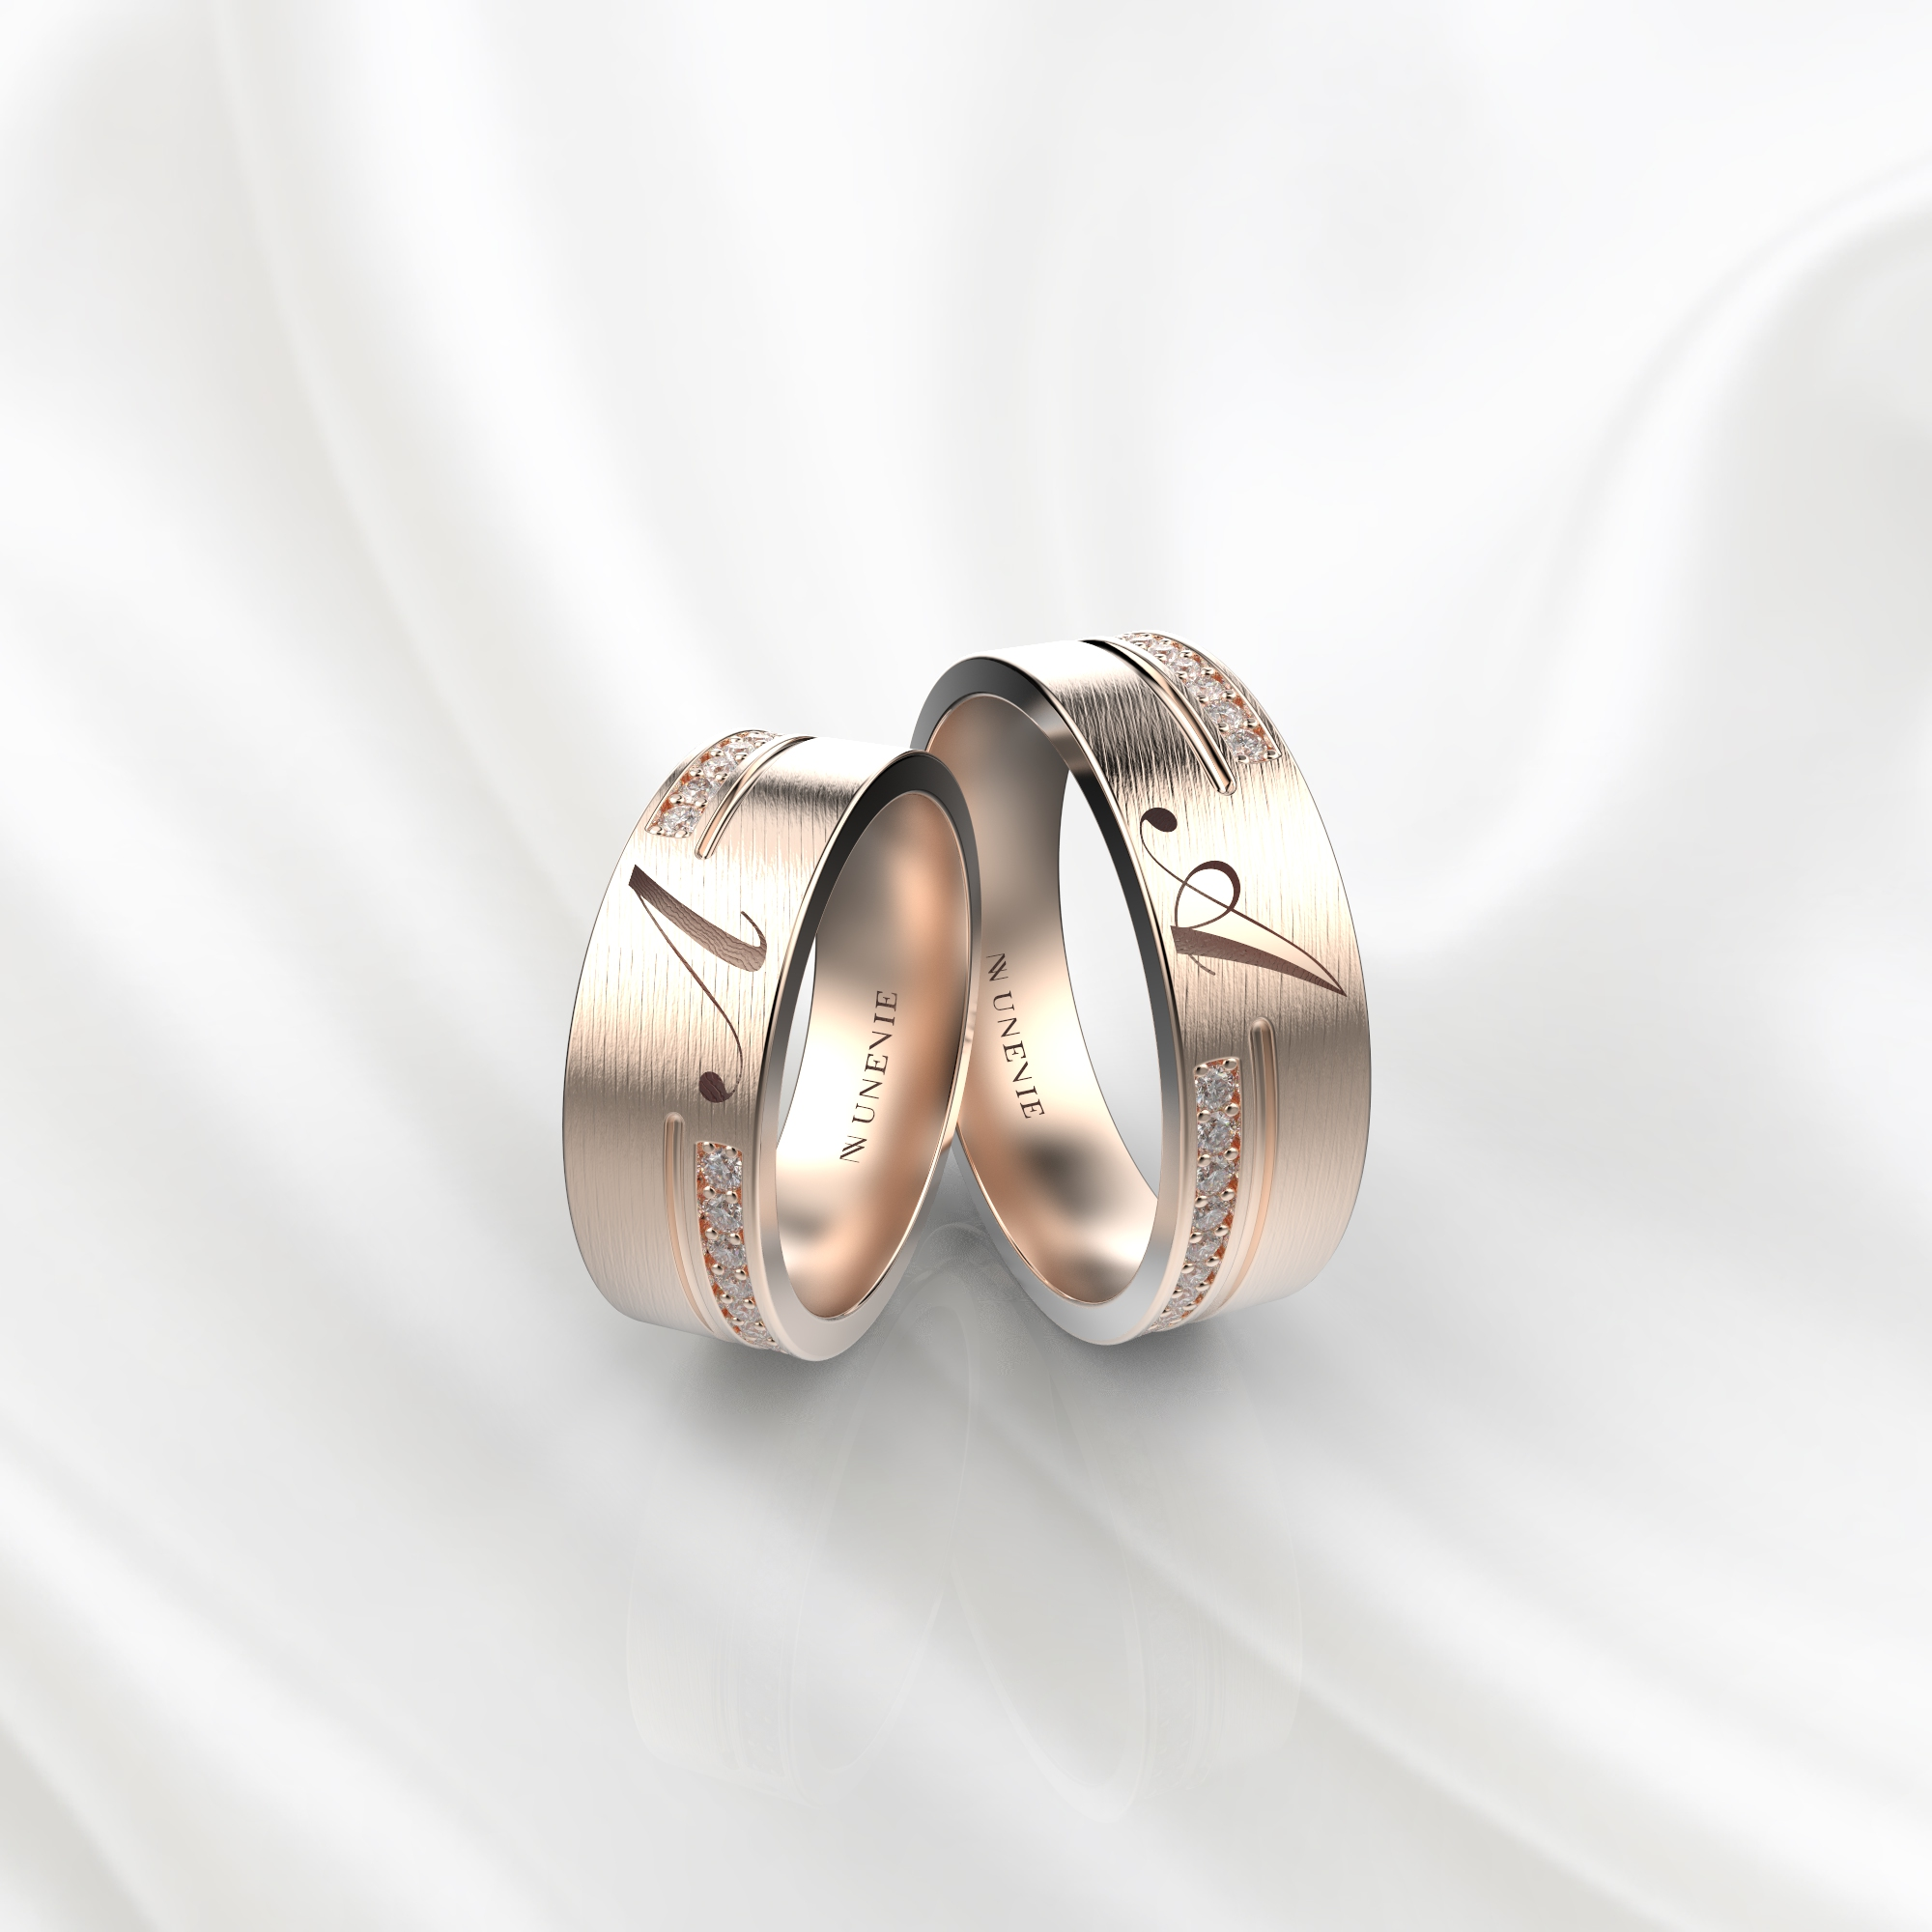 NV61 Парные обручальные кольца из розового золота с гравировкой